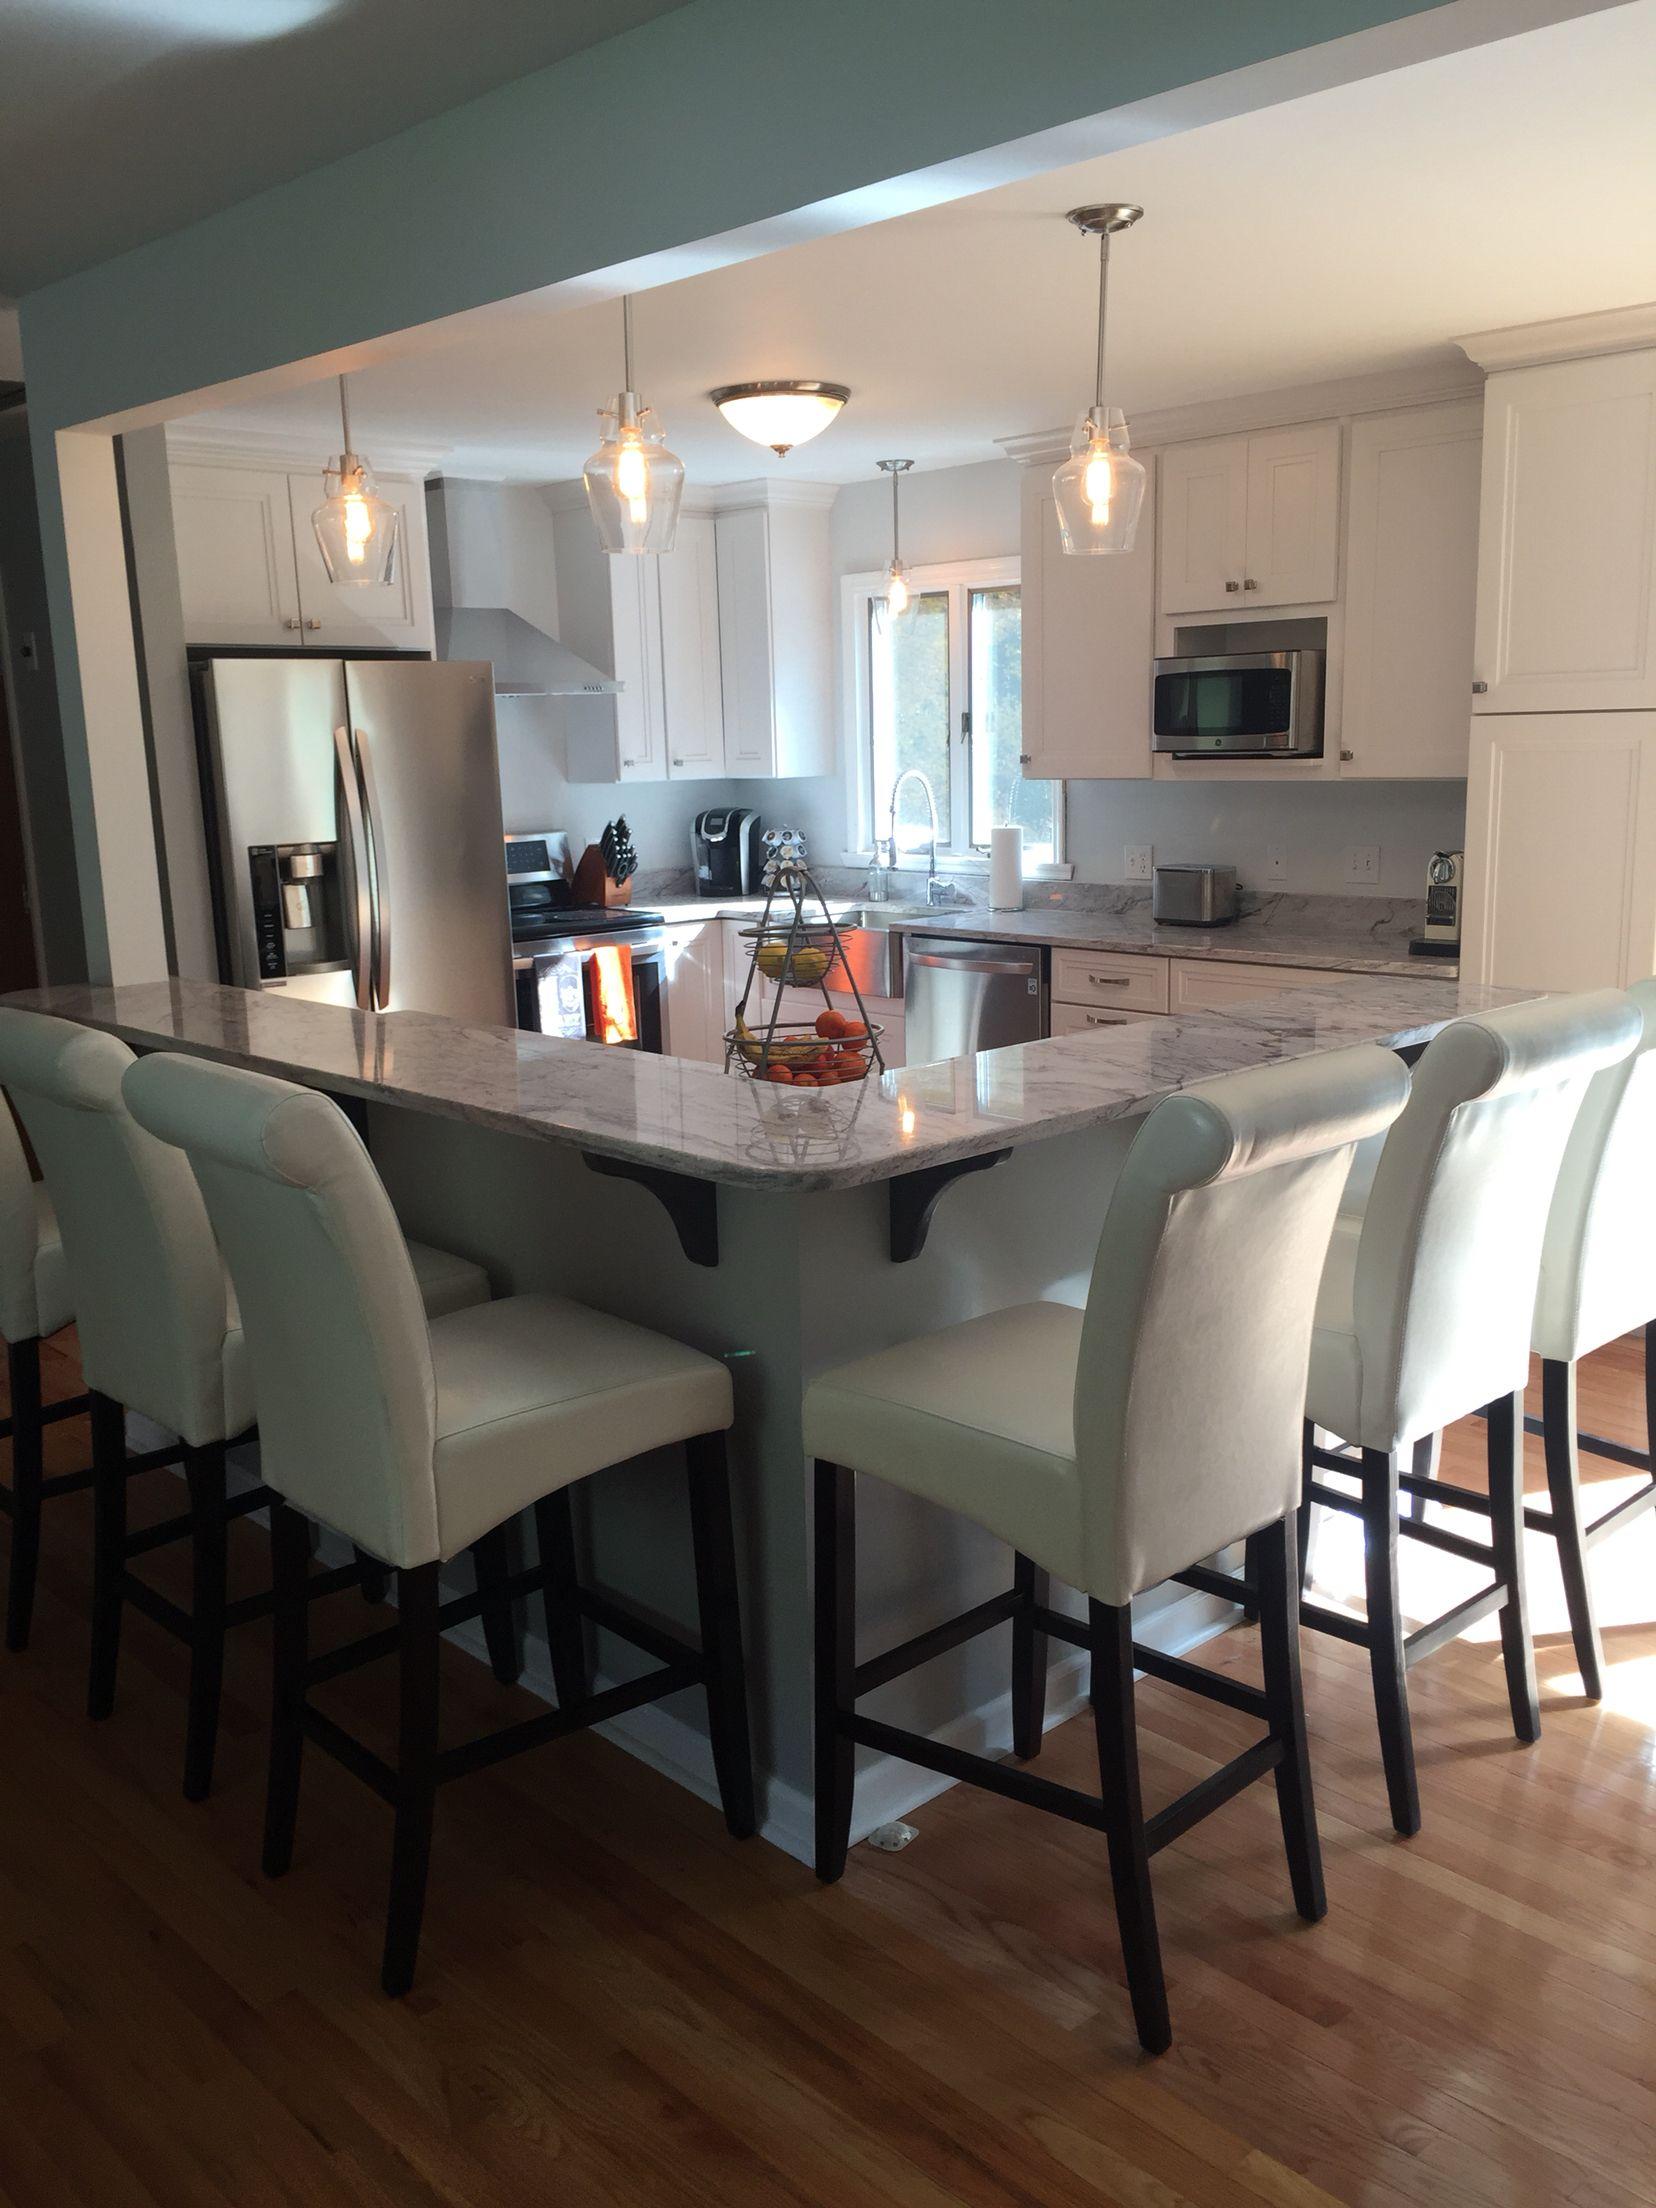 raised ranch open kitchen kitchen bar design kitchen remodel raised ranch kitchen ranch on kitchen remodel ranch id=80886